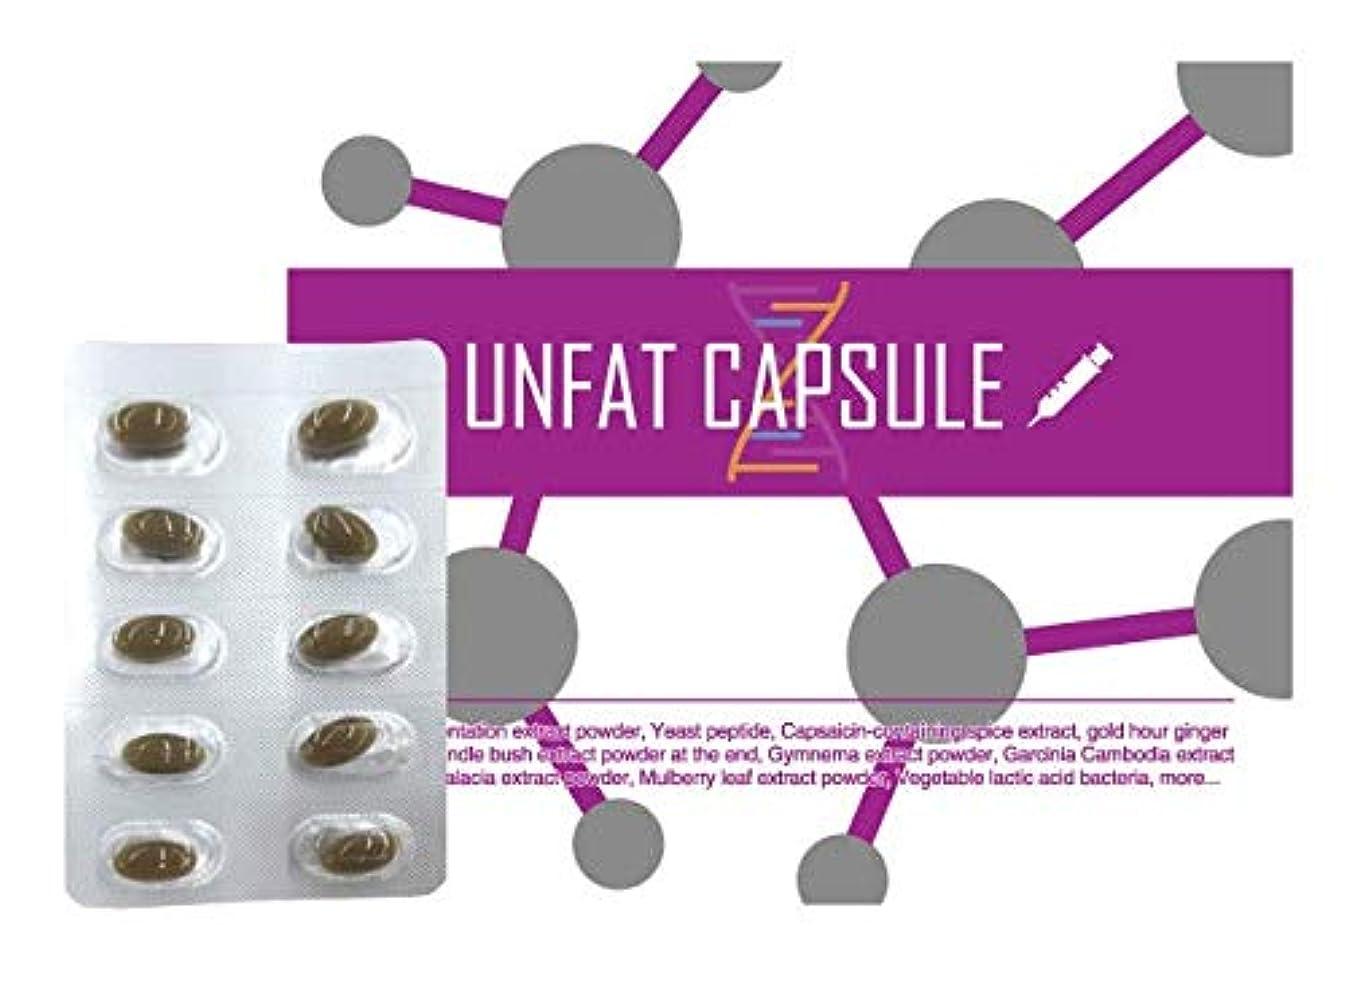 恩恵導出政府アンファットカプセル (1) / サプリメント ビタミンC アルギニン 栄養補助食品